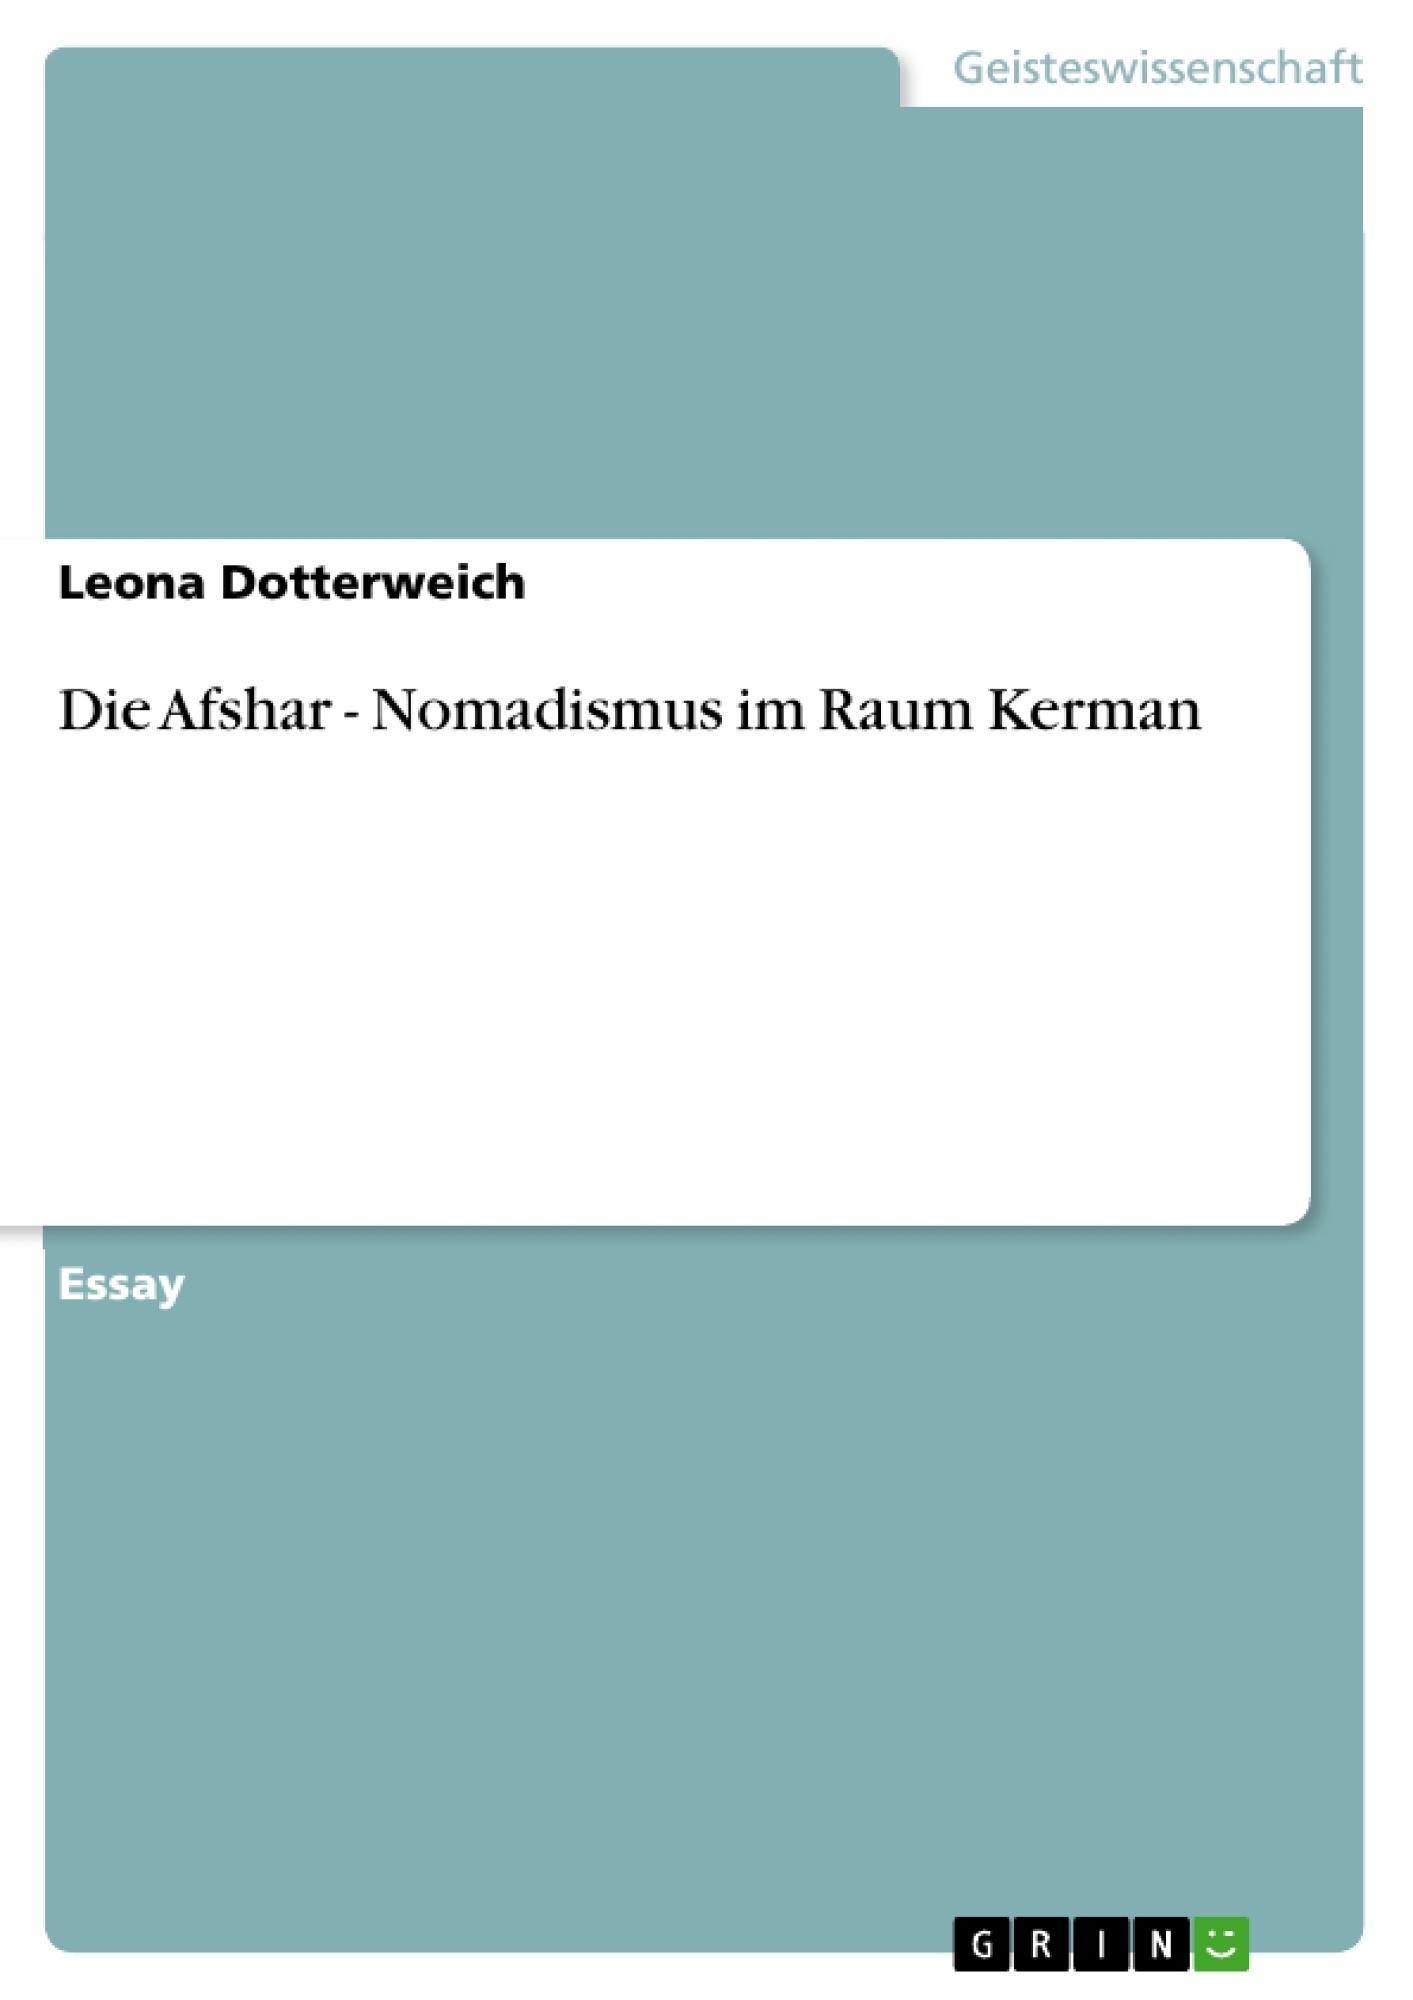 Titel: Die Afshar - Nomadismus im Raum Kerman